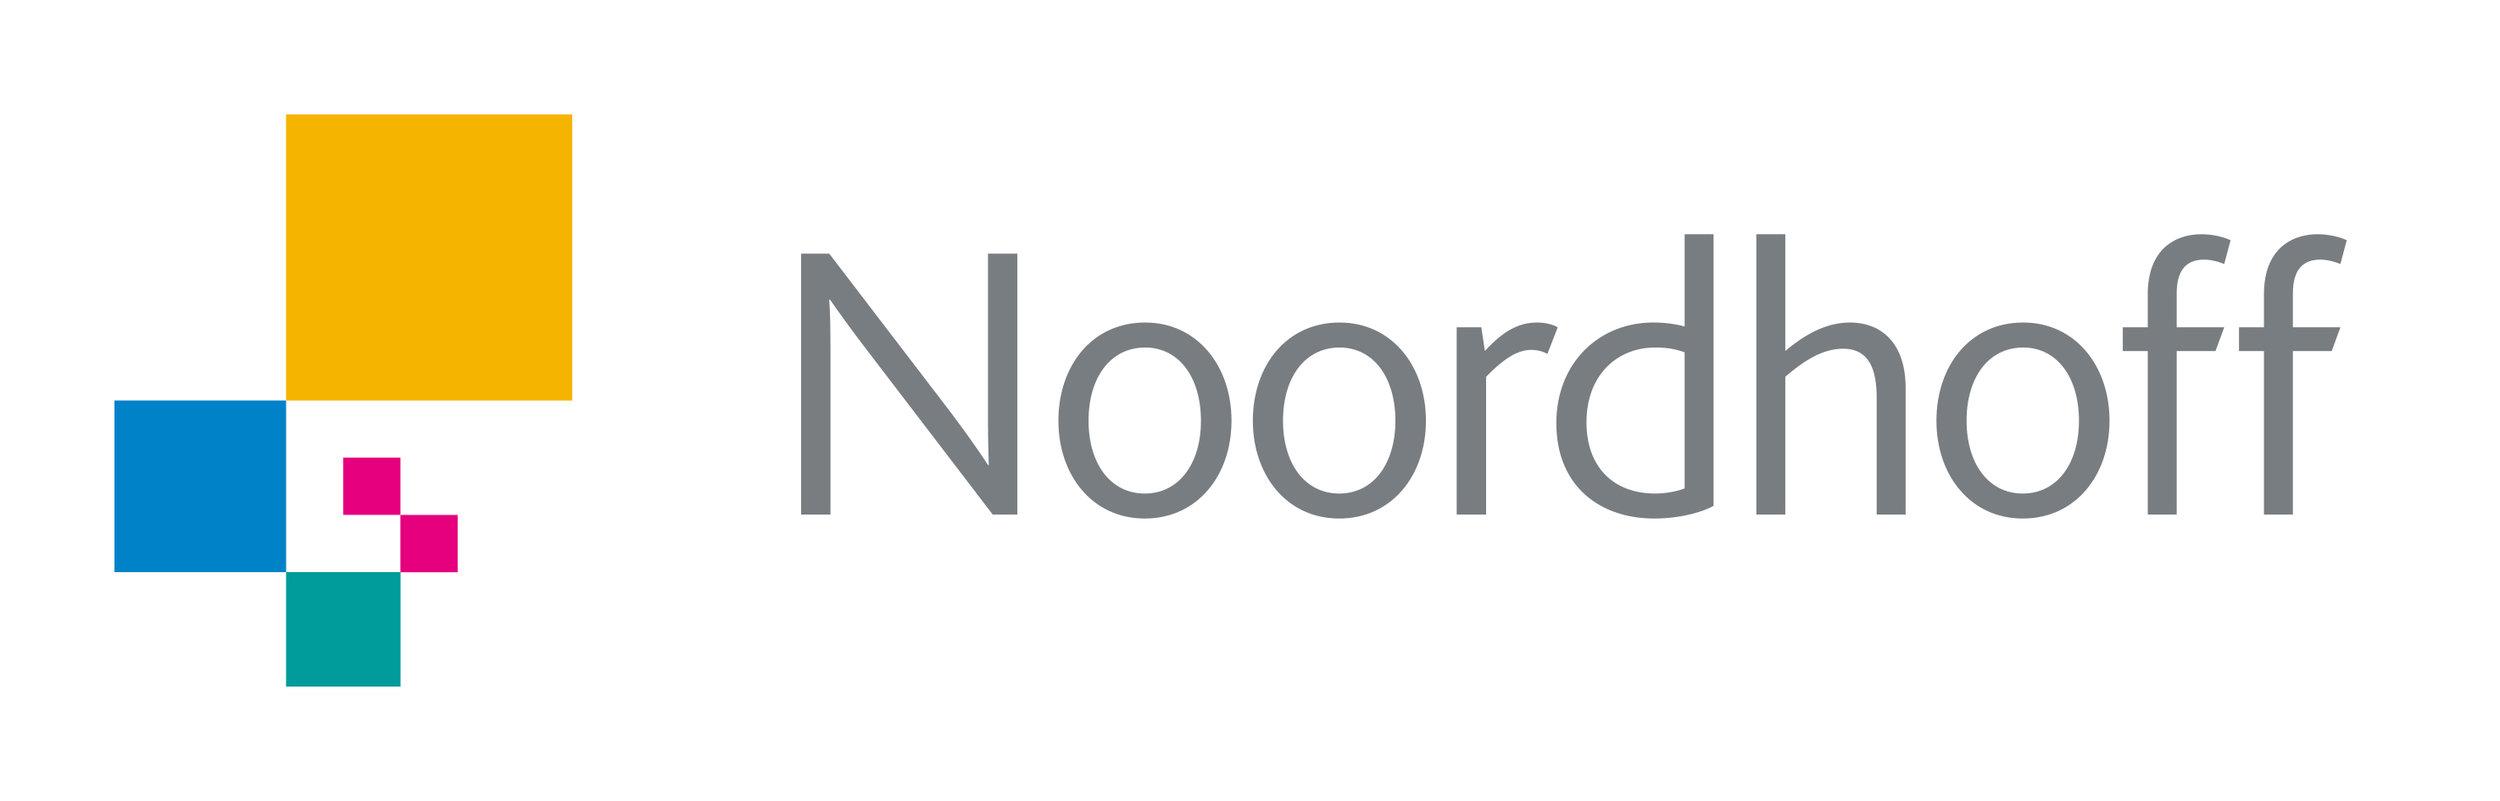 Noordhoff Nieuw horizontaal.jpg